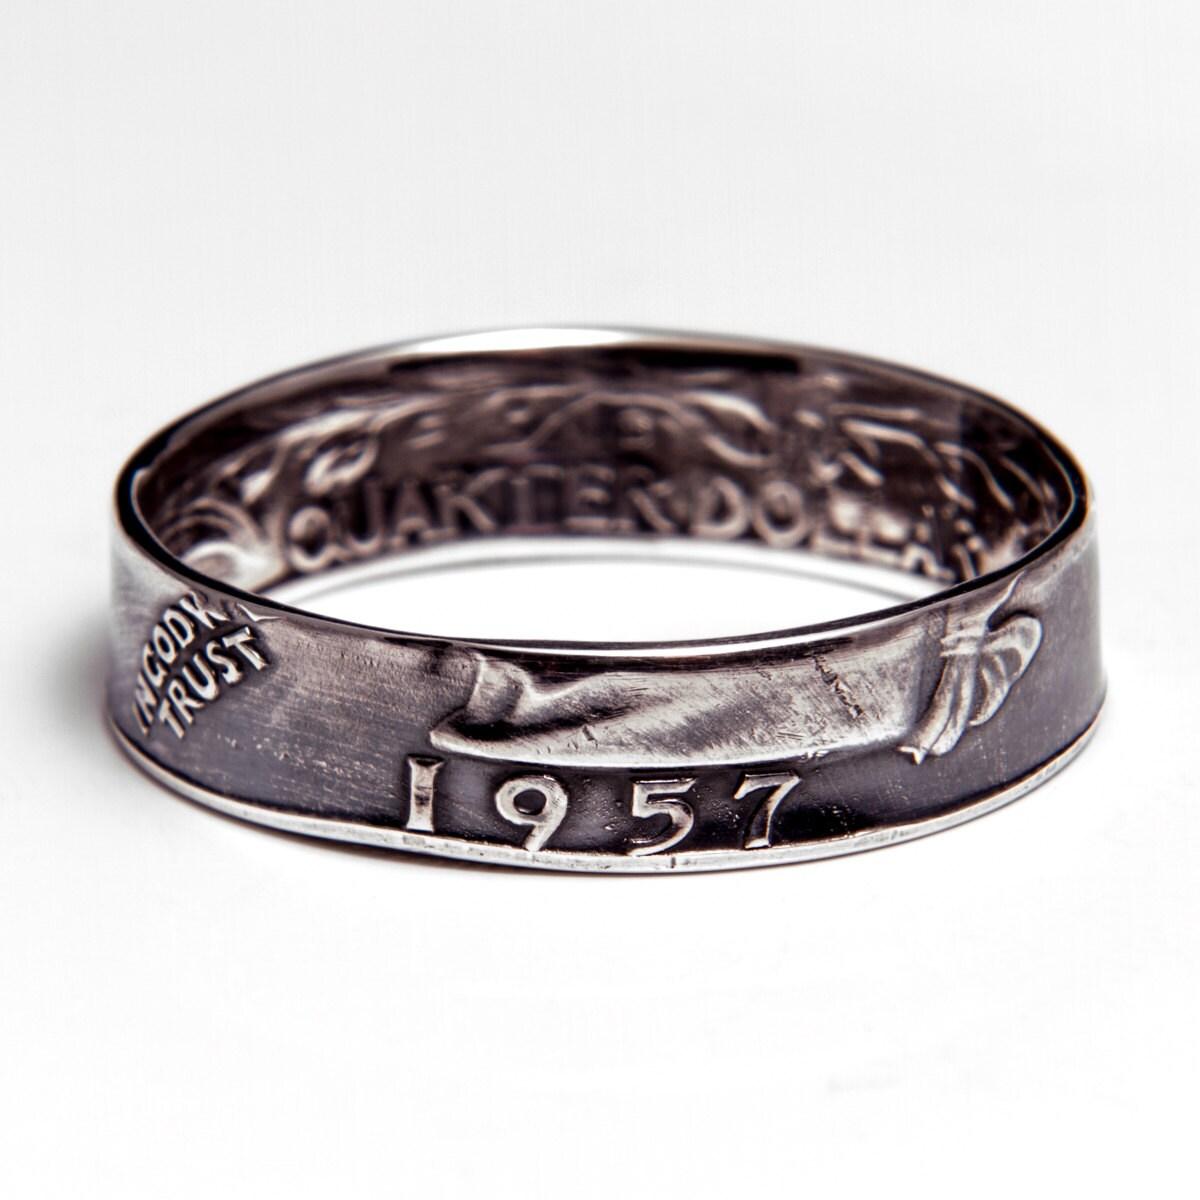 washington quarter 90 silver coin ring